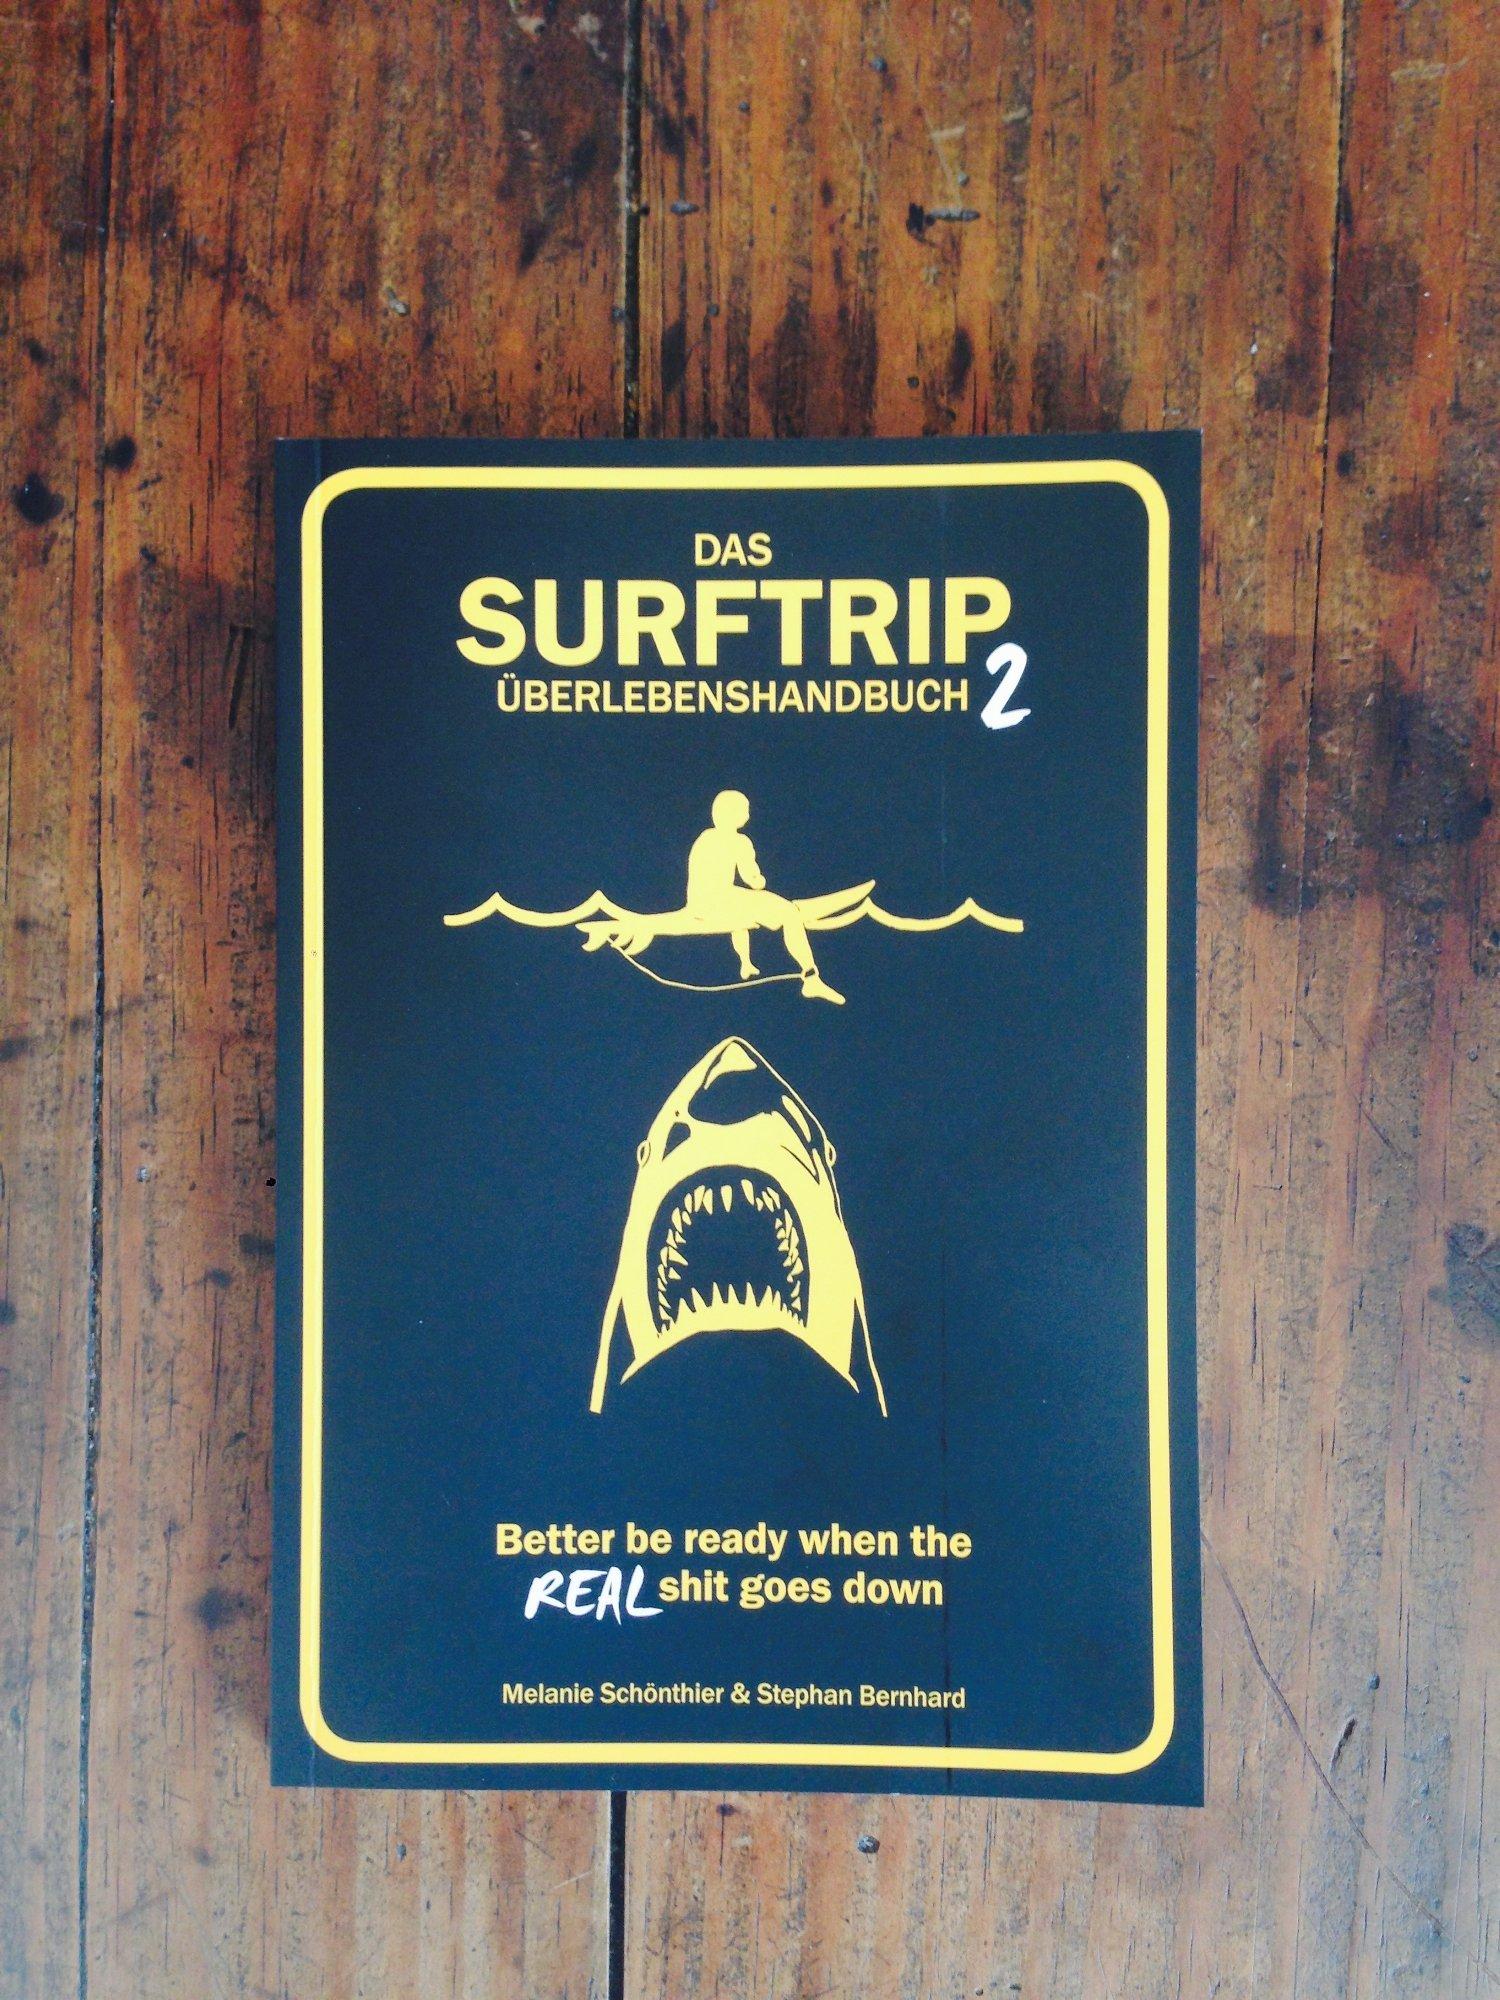 Dieses Buch sollte auf deinem nächsten Surftrip nicht fehlen – es kann dir helfen, so manche unangenehme Überraschung zu vermeiden...